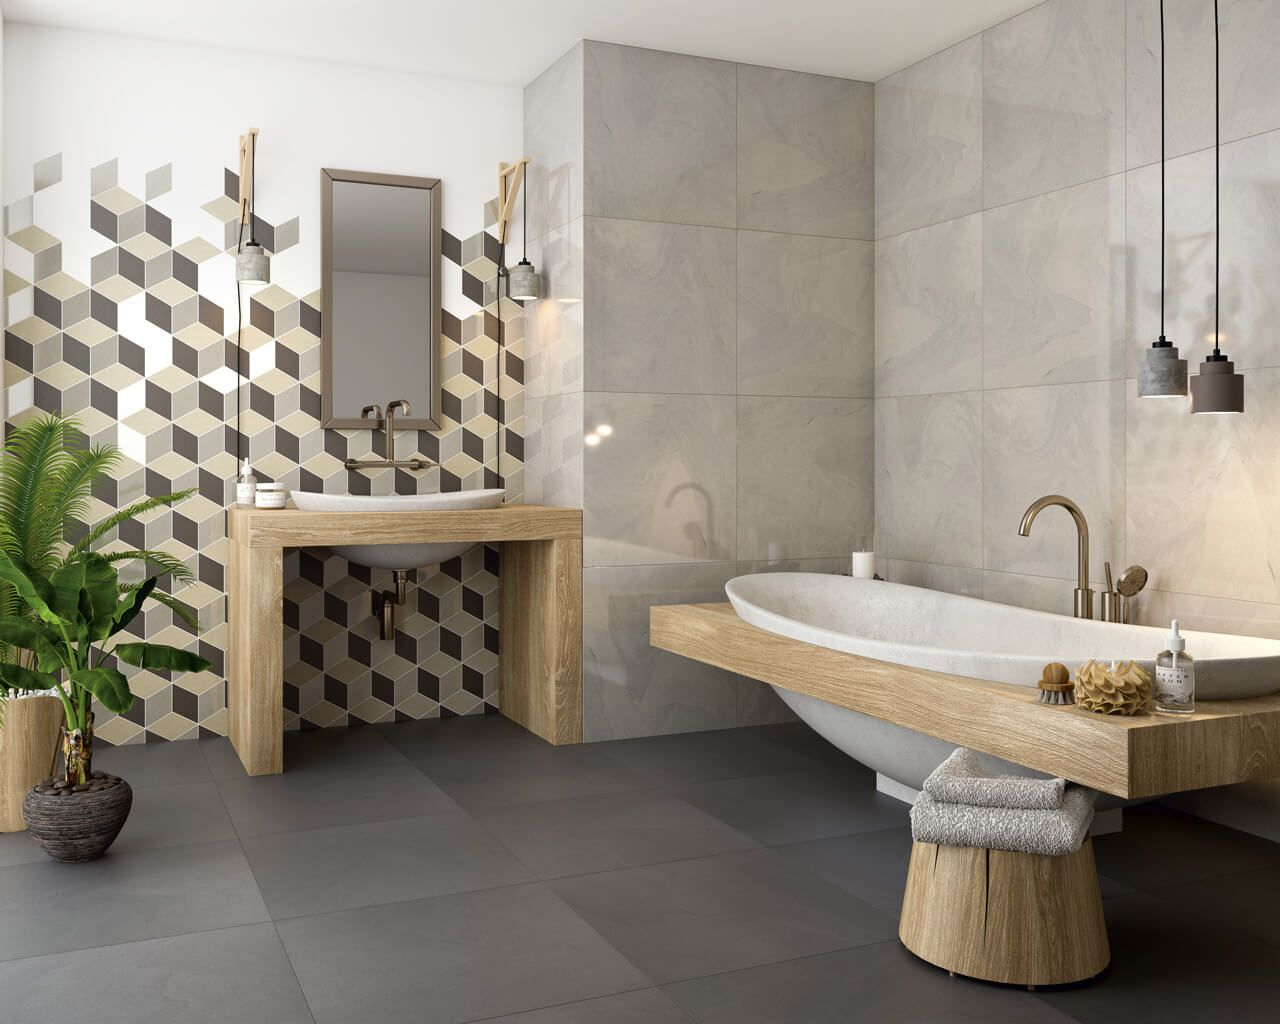 Direkt aus dem Wald in ein ... modernes Badezimmer | Ceramika Paradyz